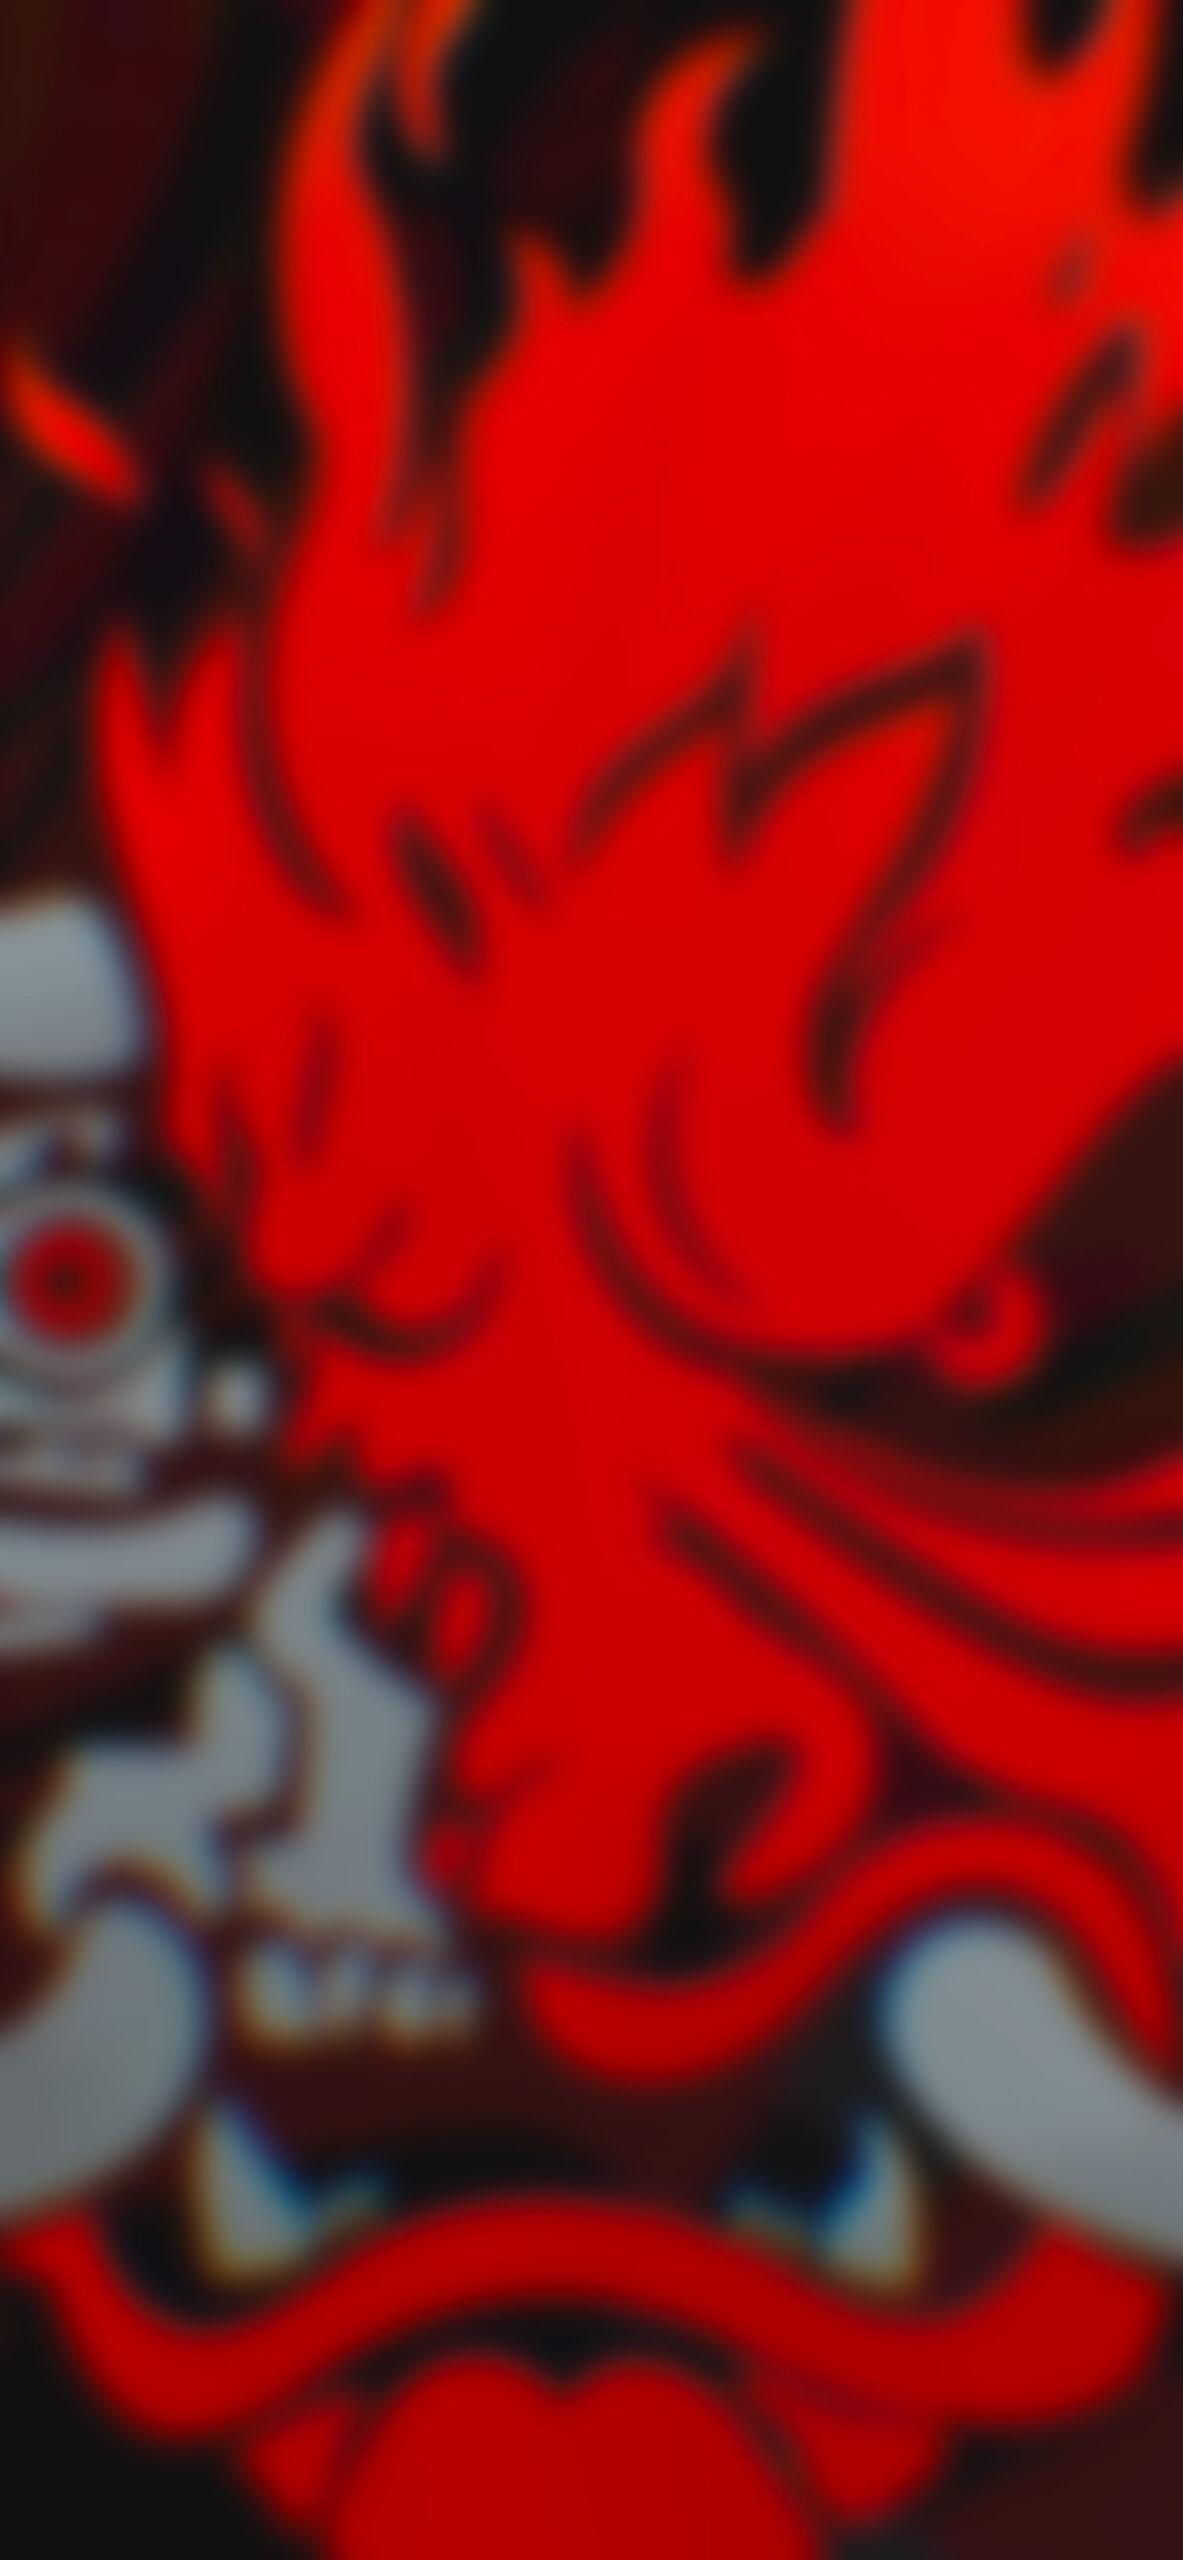 cyberpunk 2077 samurai logo red blur wallpaper